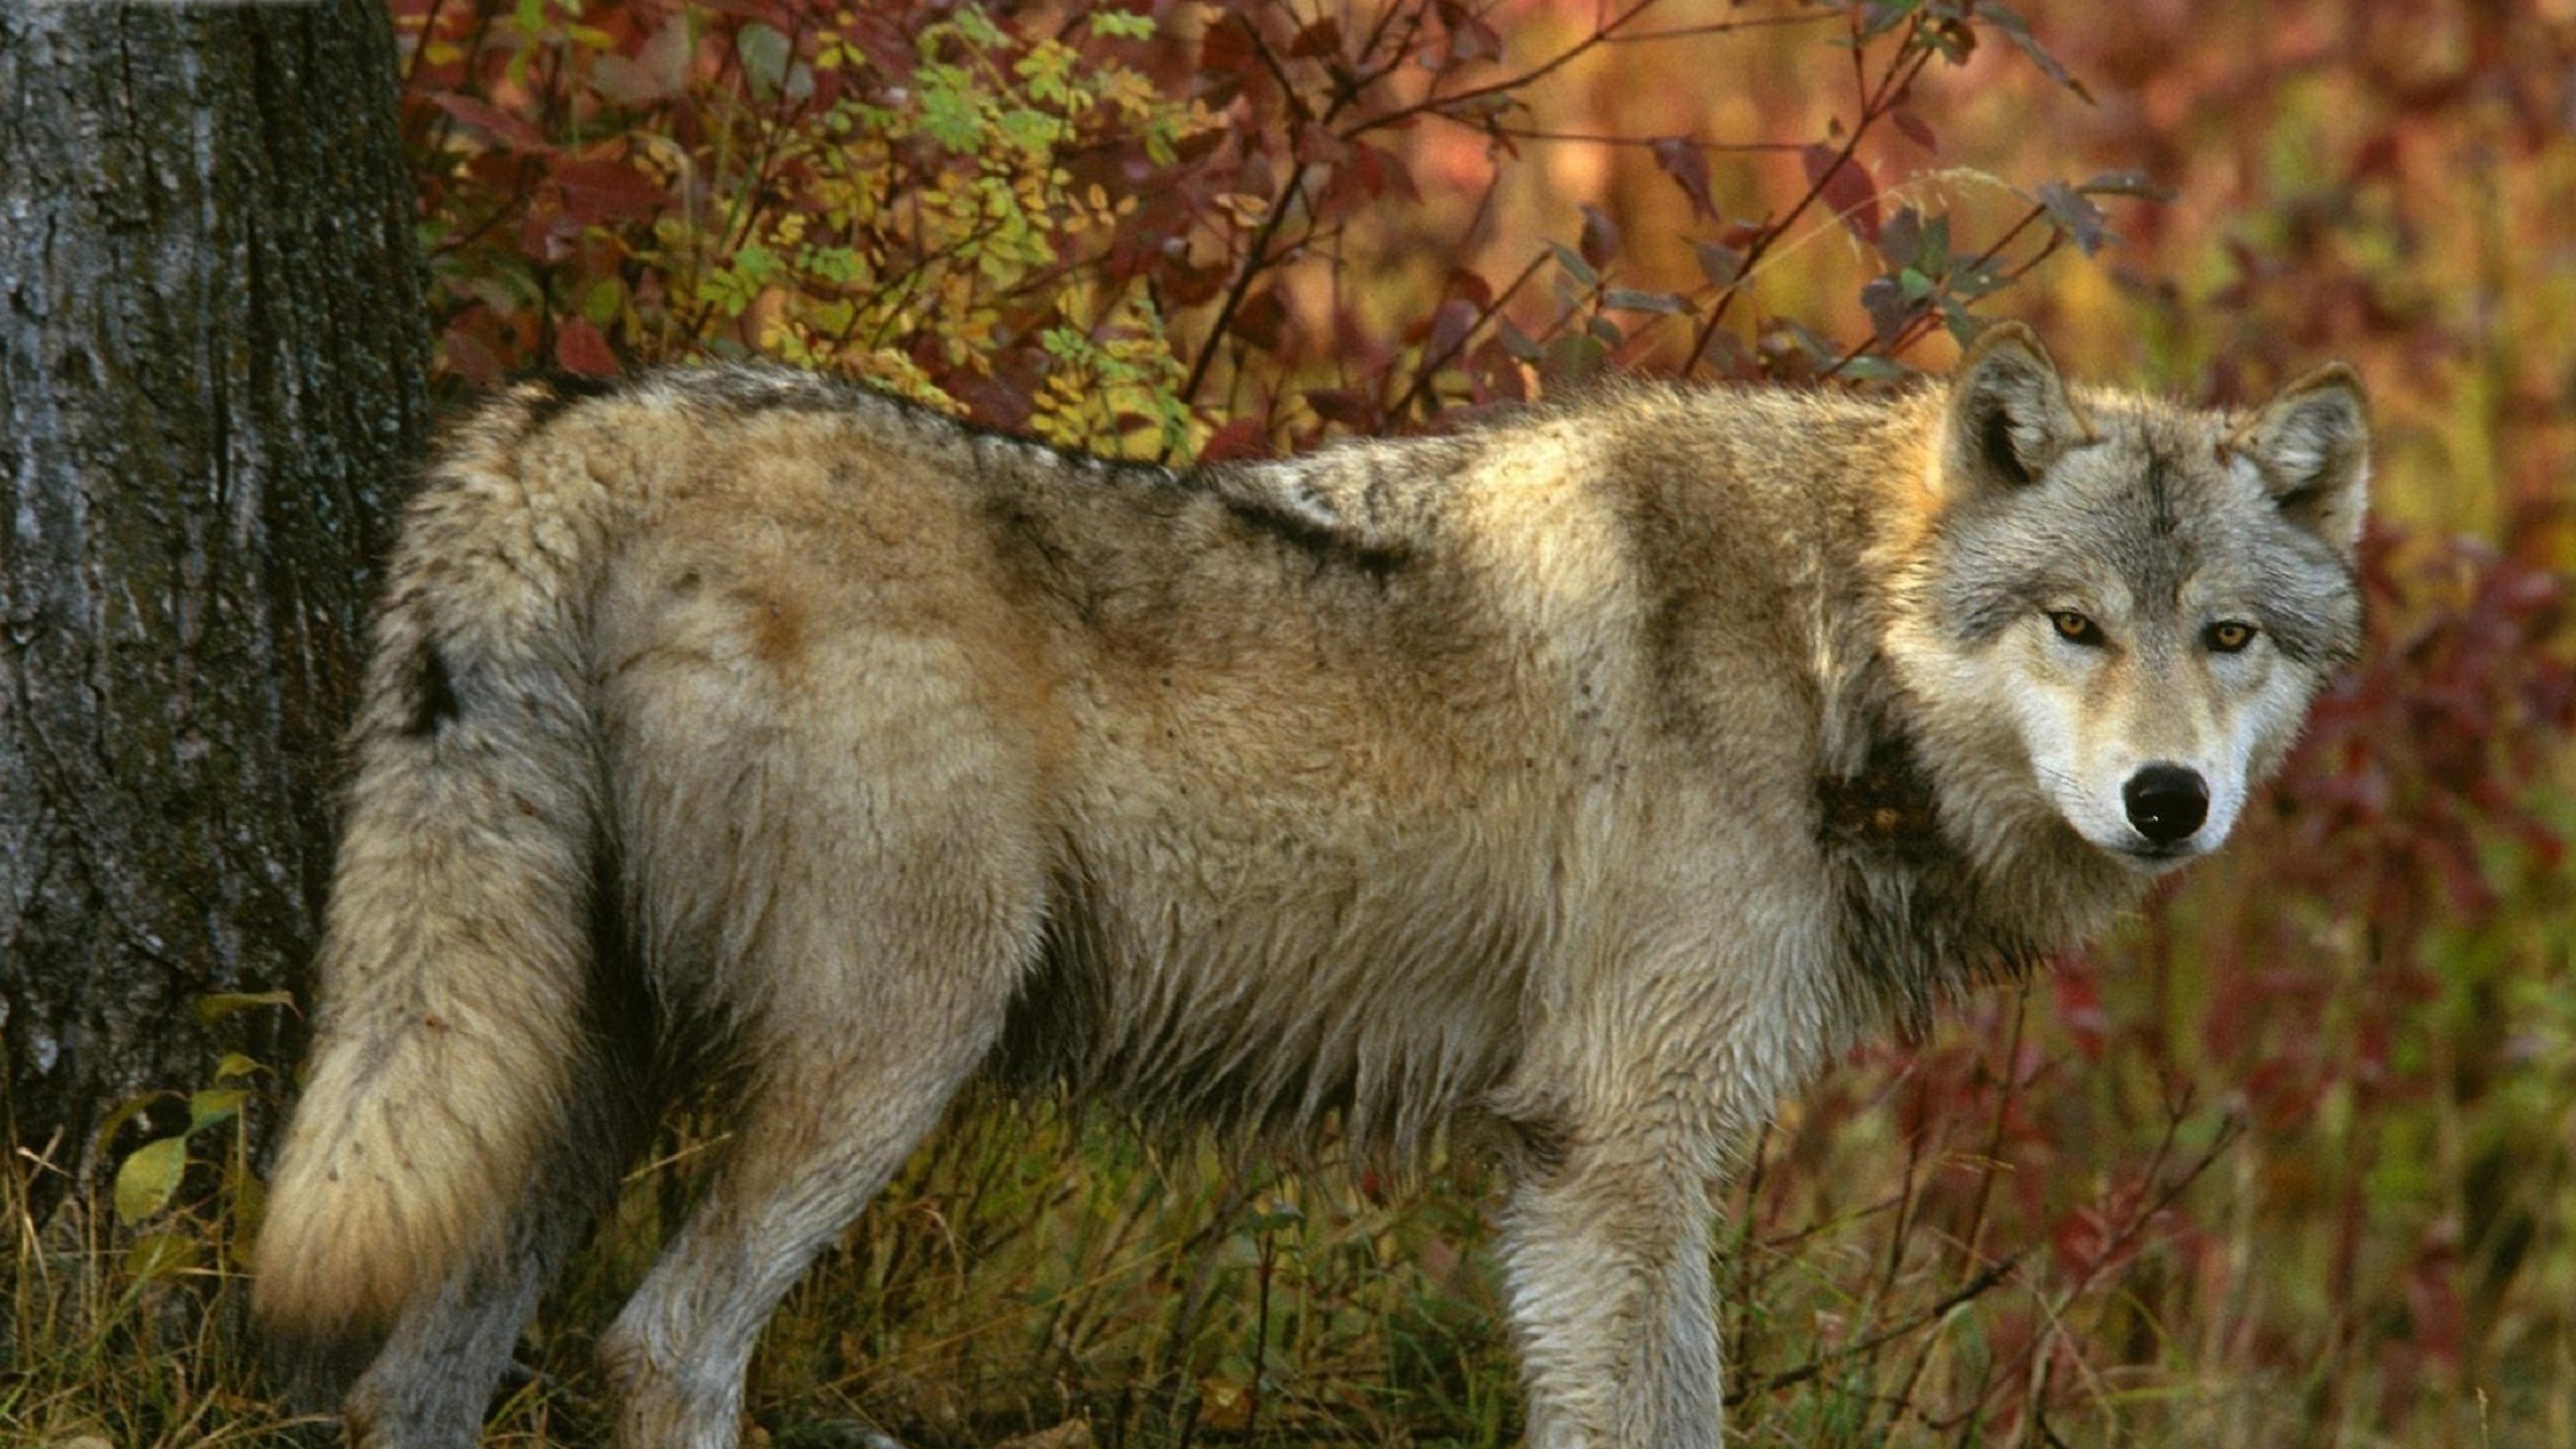 Download Wallpaper 3840x2160 wolf forest autumn tree predator 4K 3840x2160